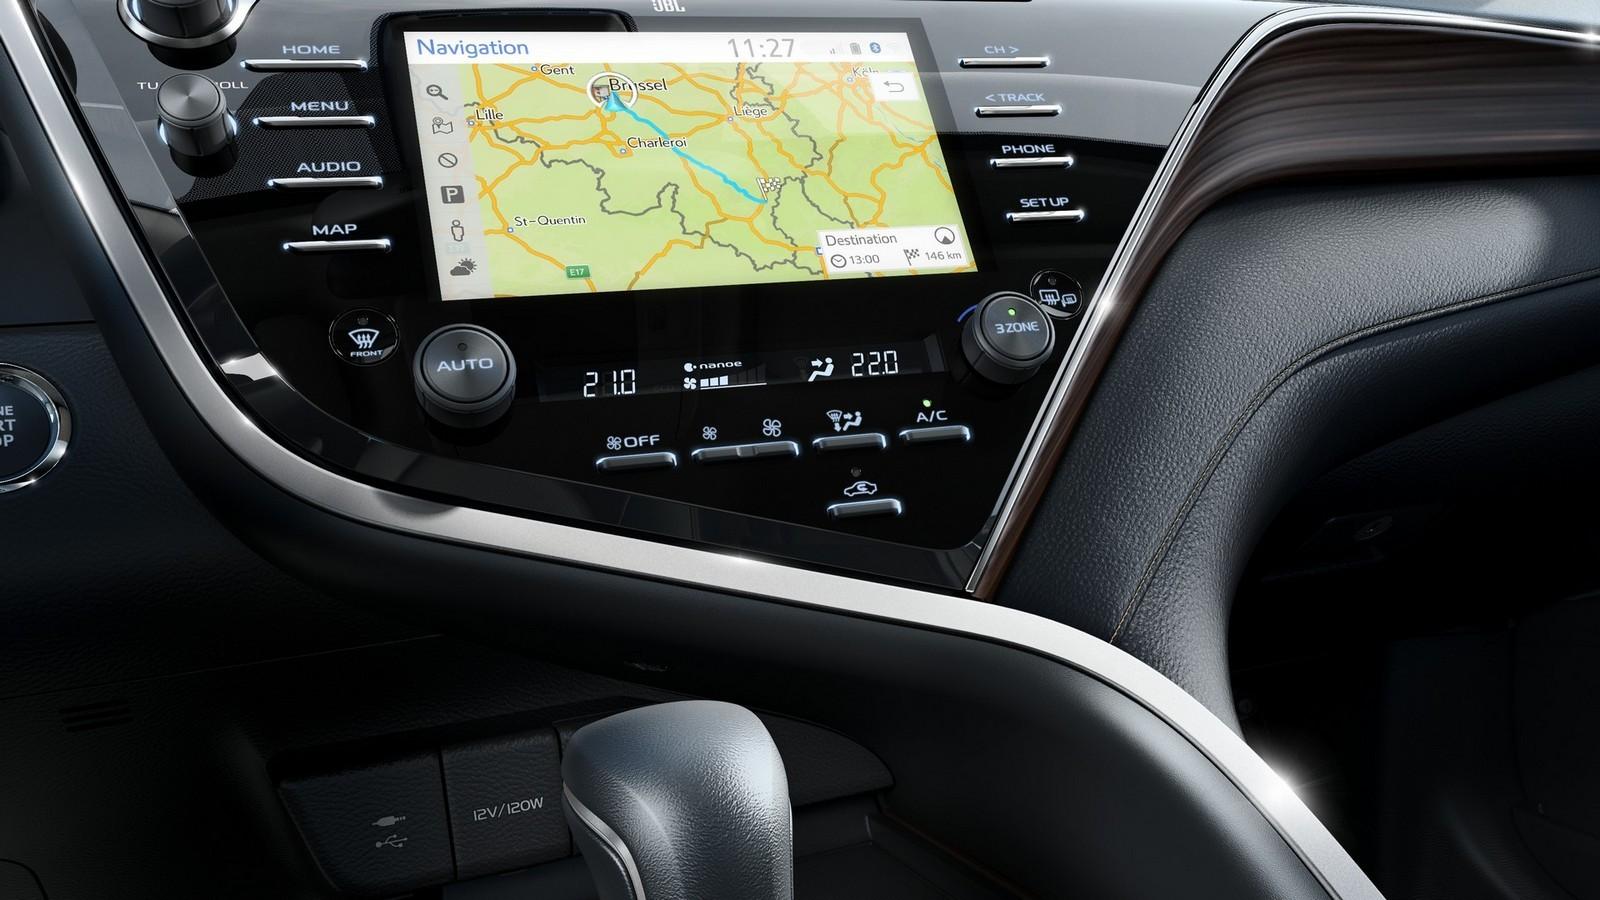 Toyota Camry интерьер дисплей